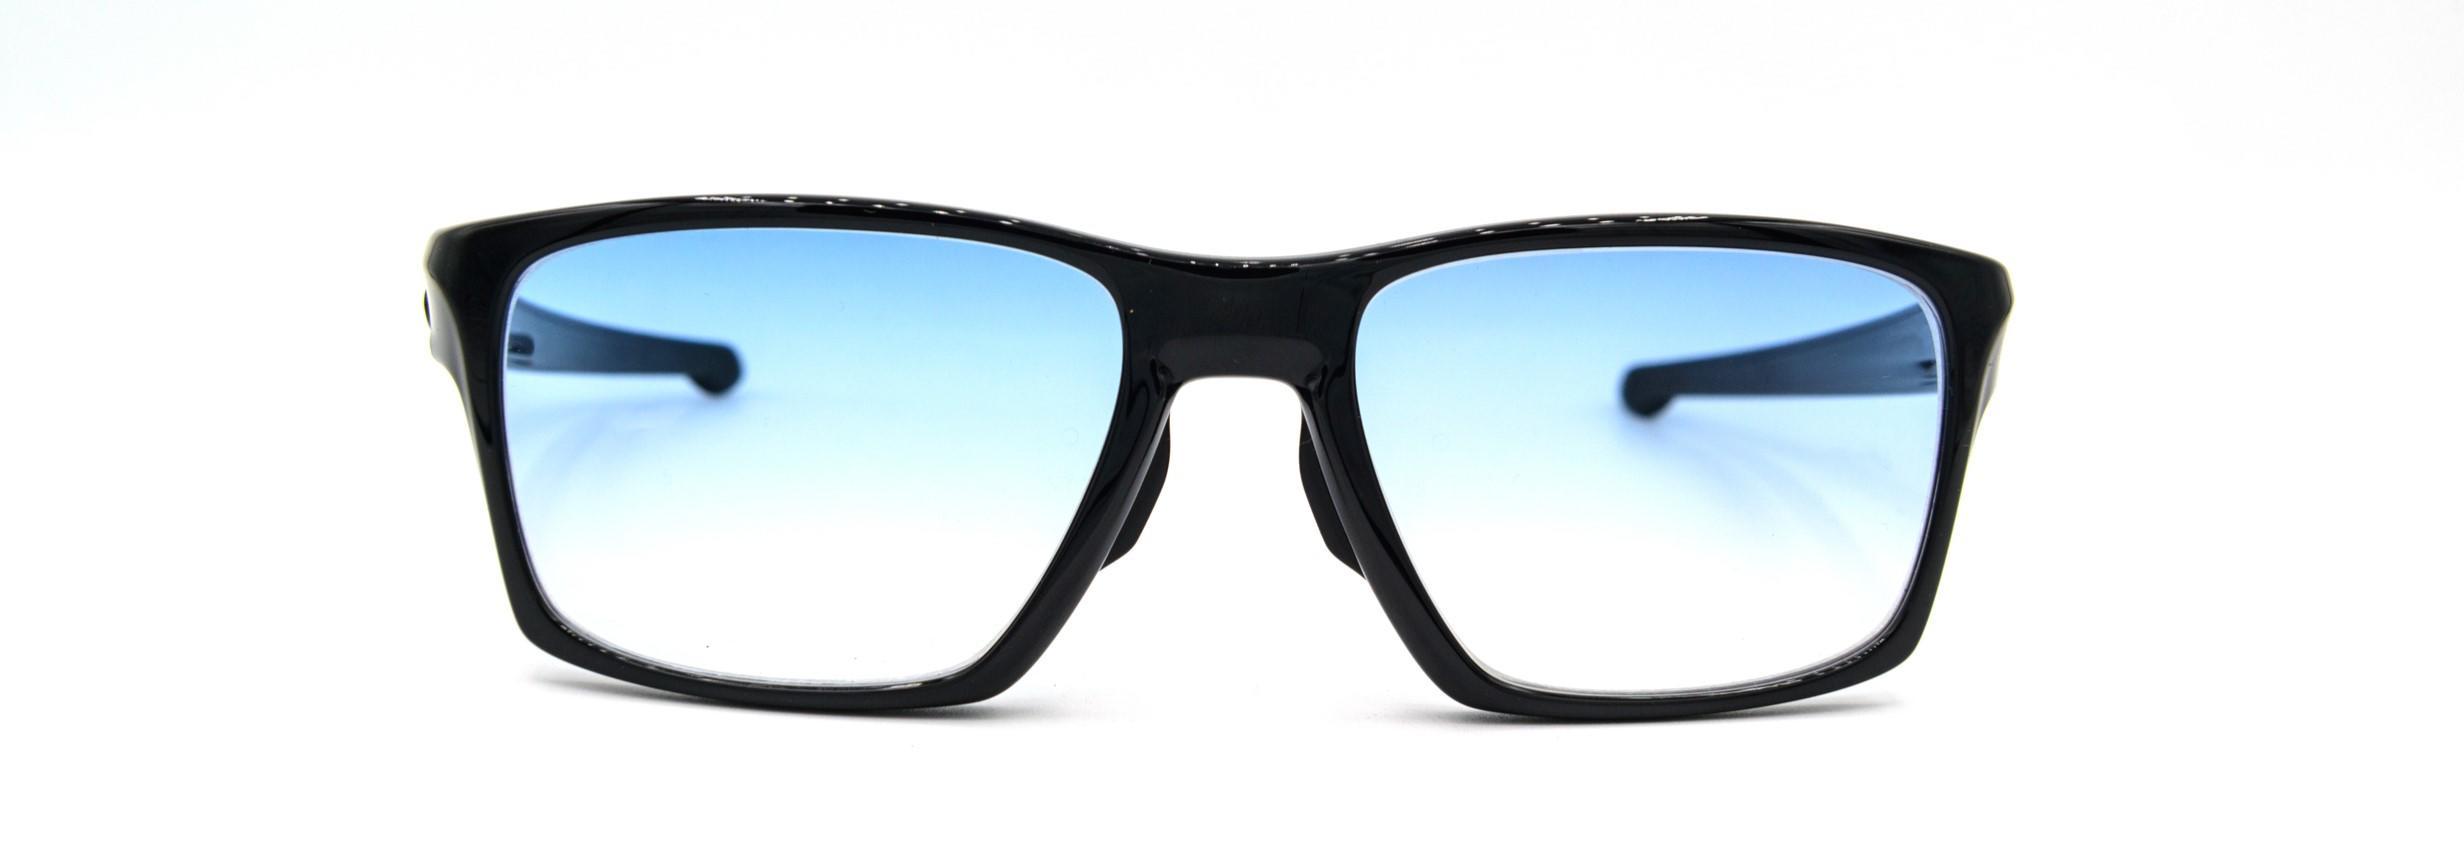 Glasses Tint